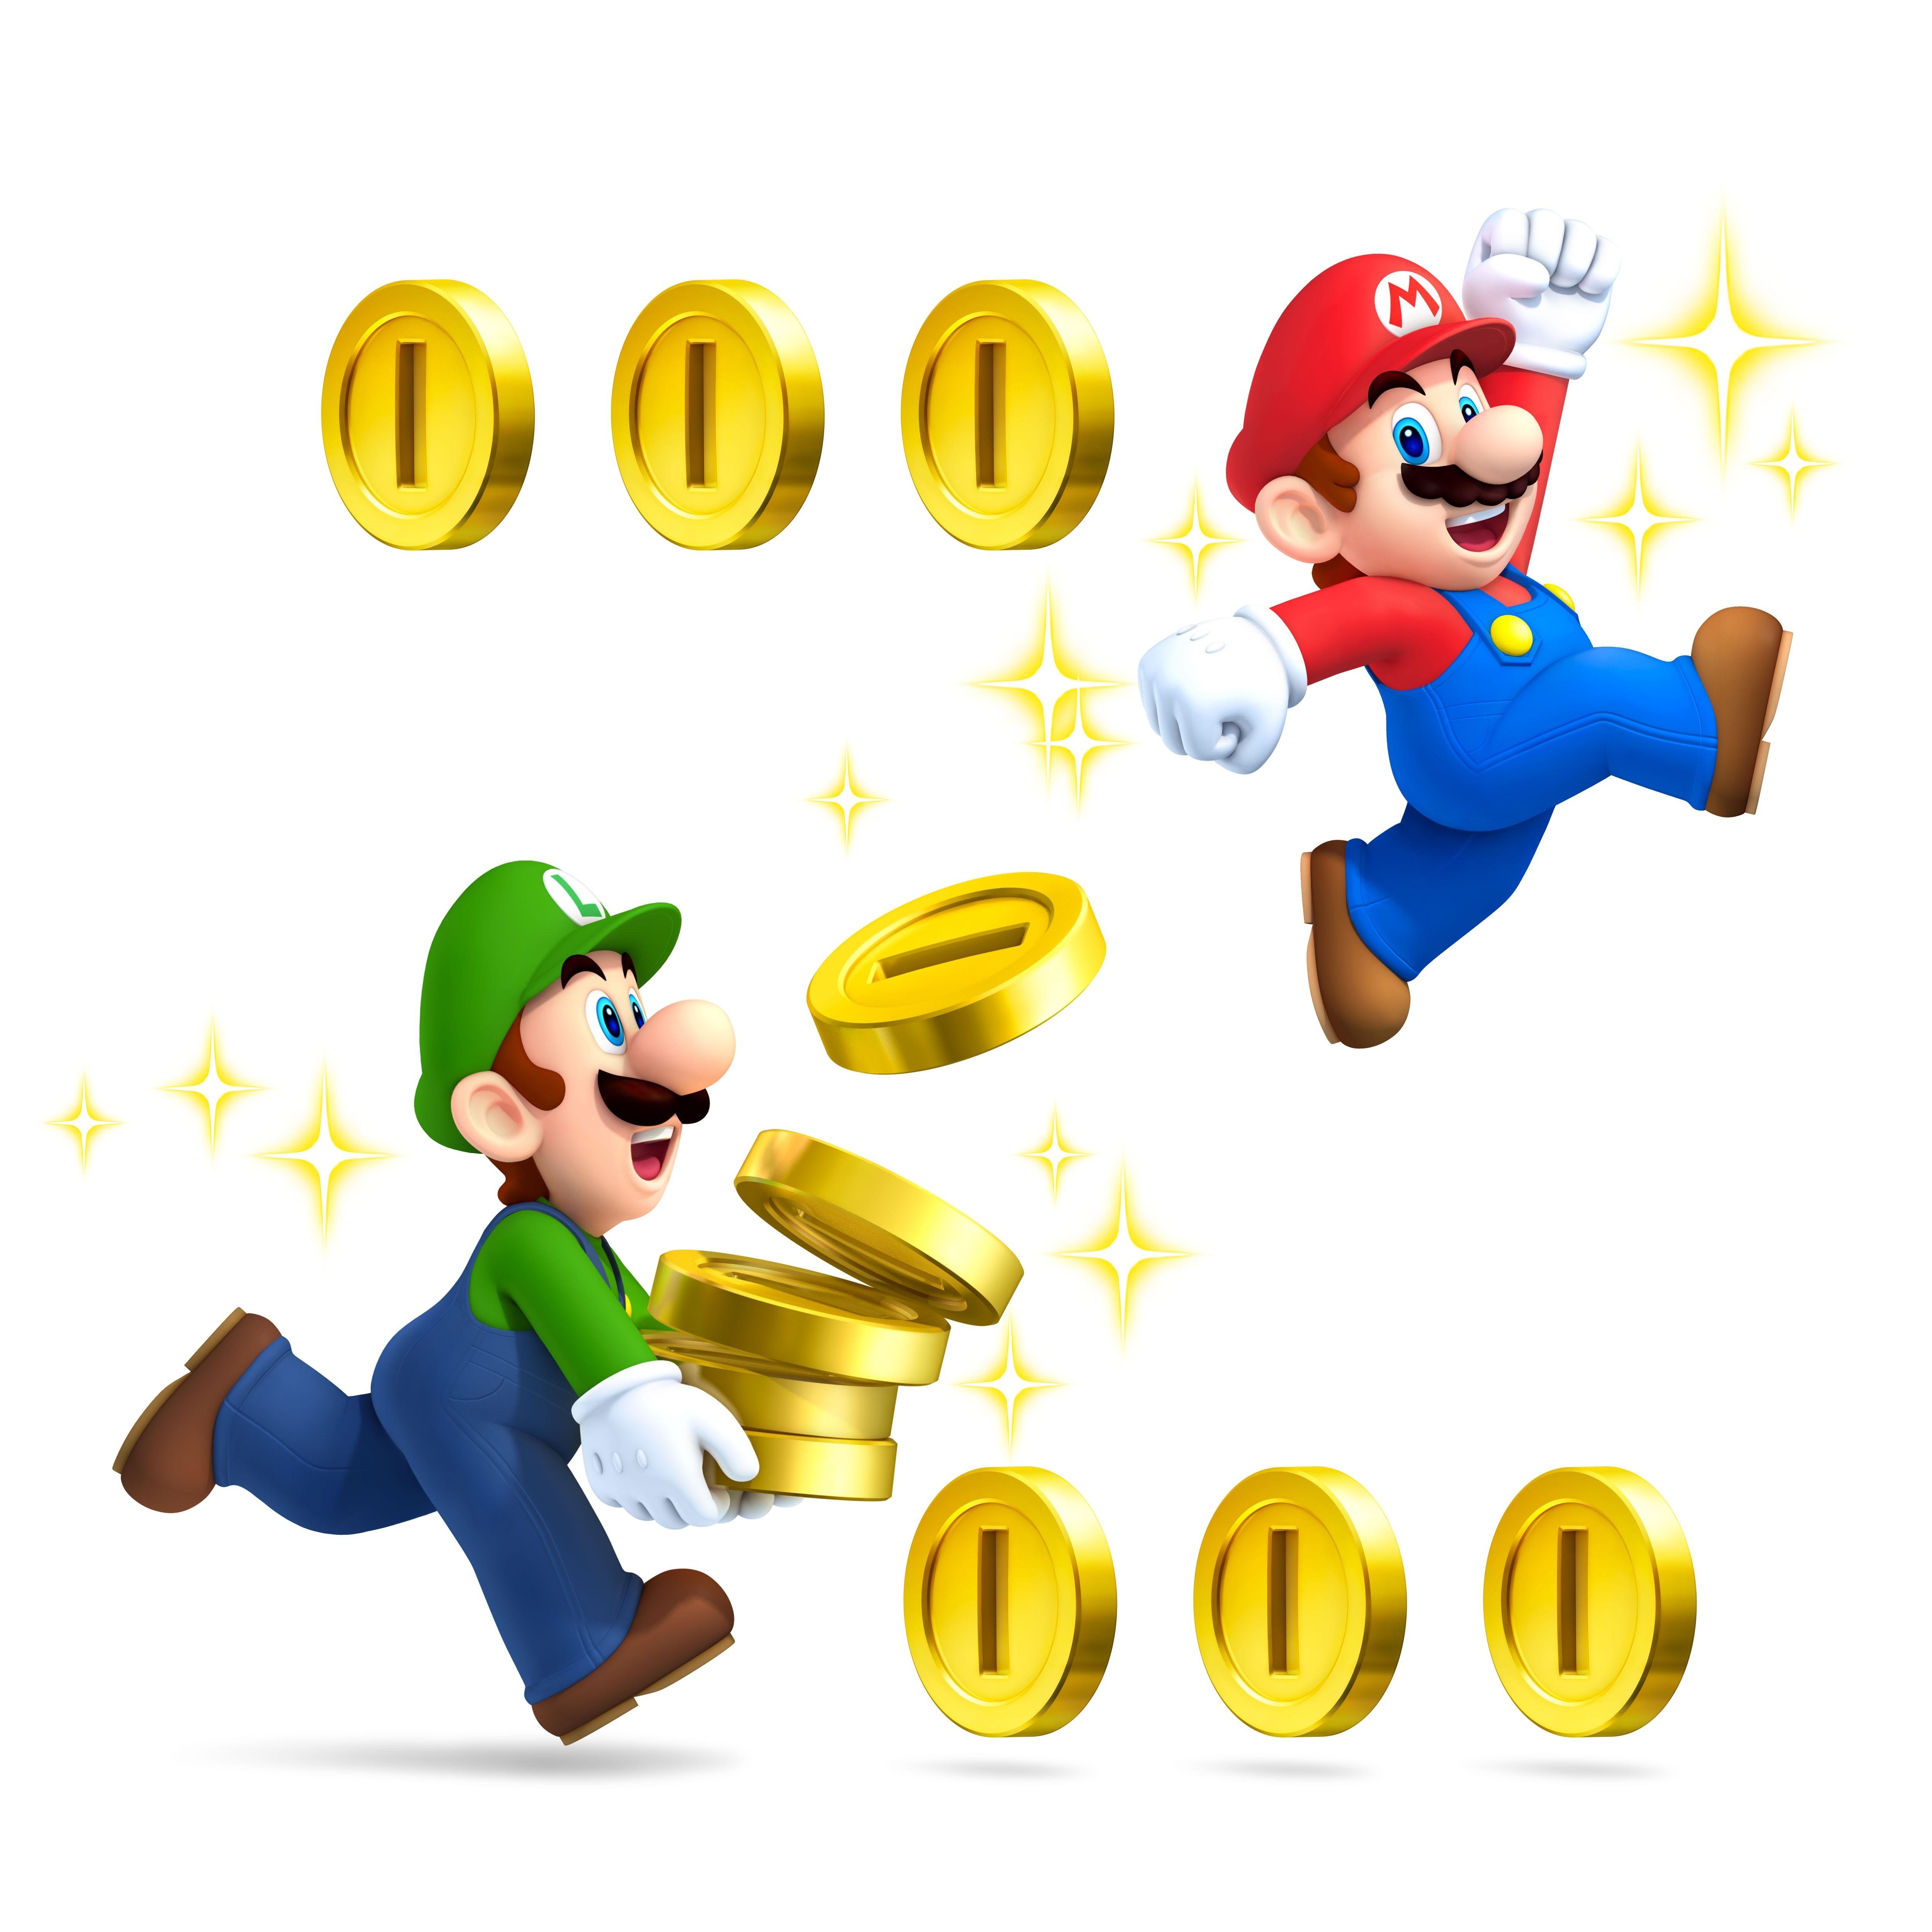 »The New York Times» rectifica tras confundir el trabajo de Mario Bros: «es fontanero, no conserje»